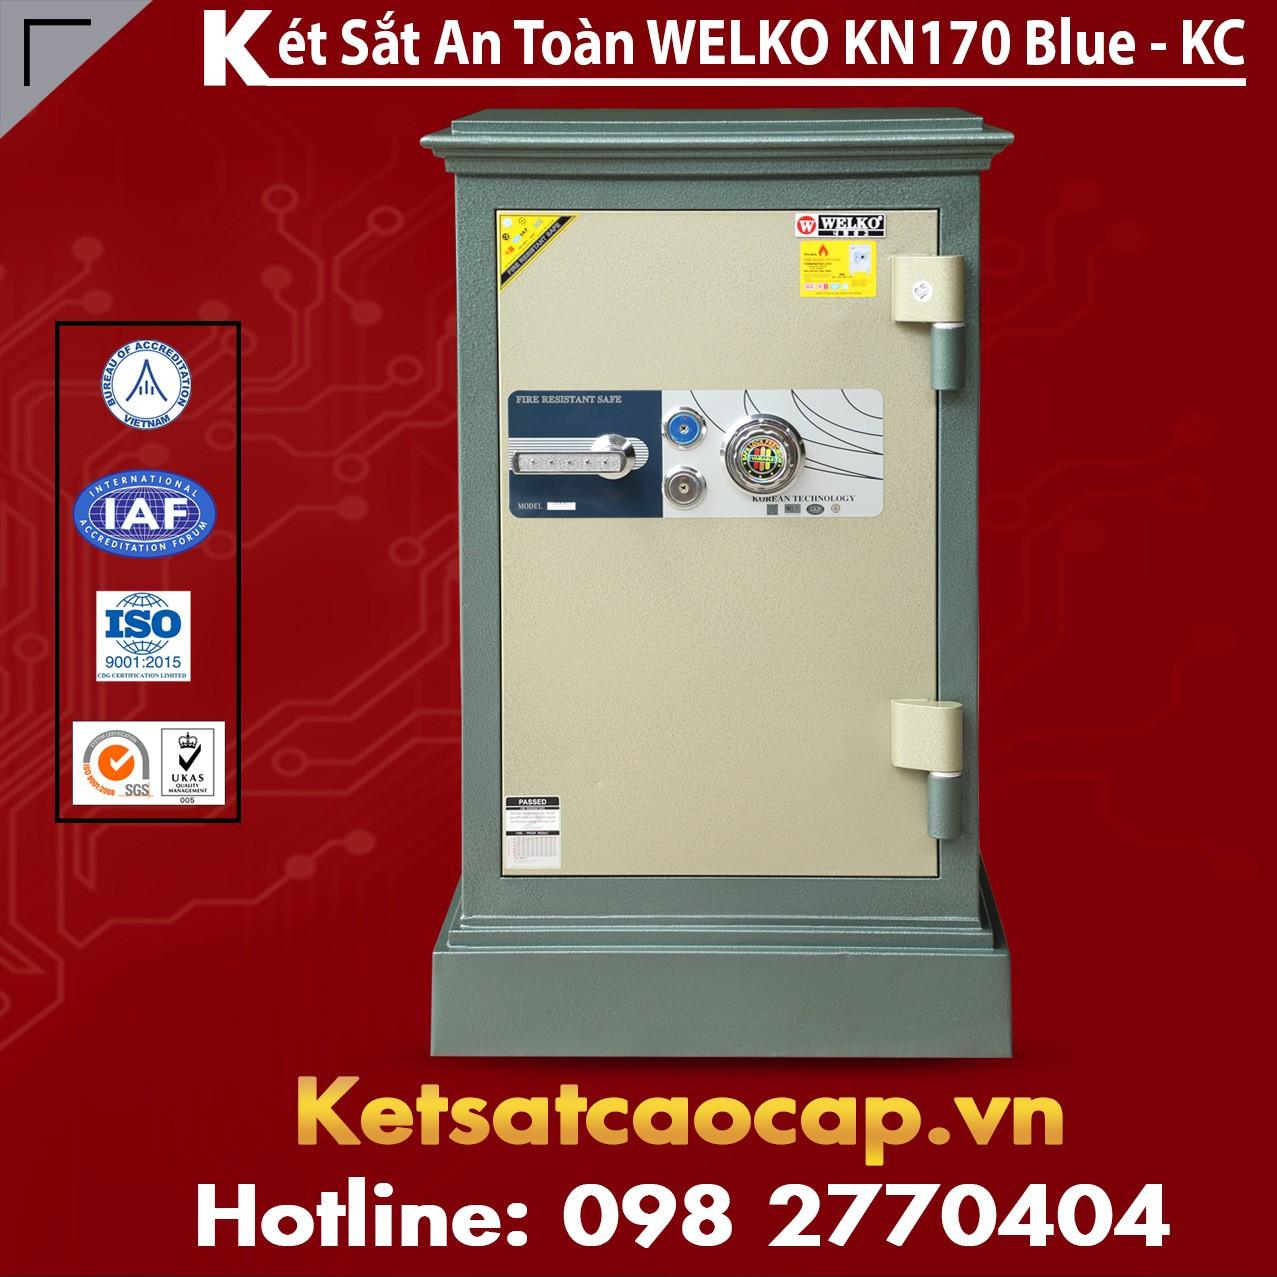 Két Sắt An Toàn KN170 - KC